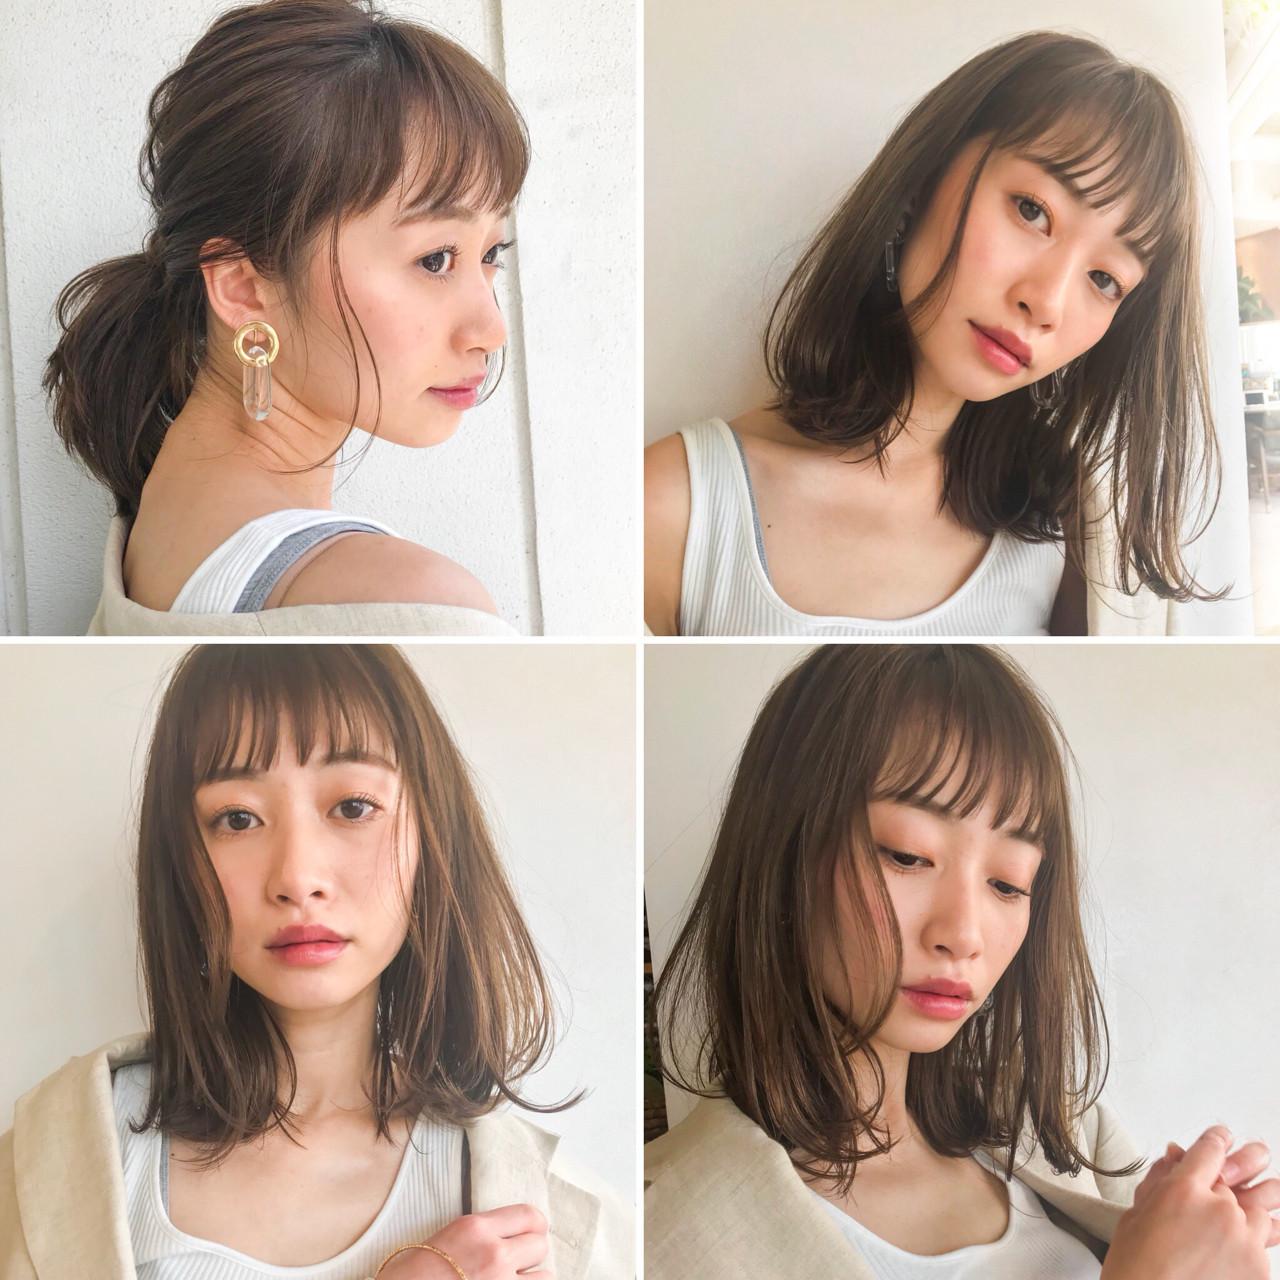 ミディアム 夏 涼しげ フェミニン ヘアスタイルや髪型の写真・画像 | lora.garden 細田真吾 / lora.garden